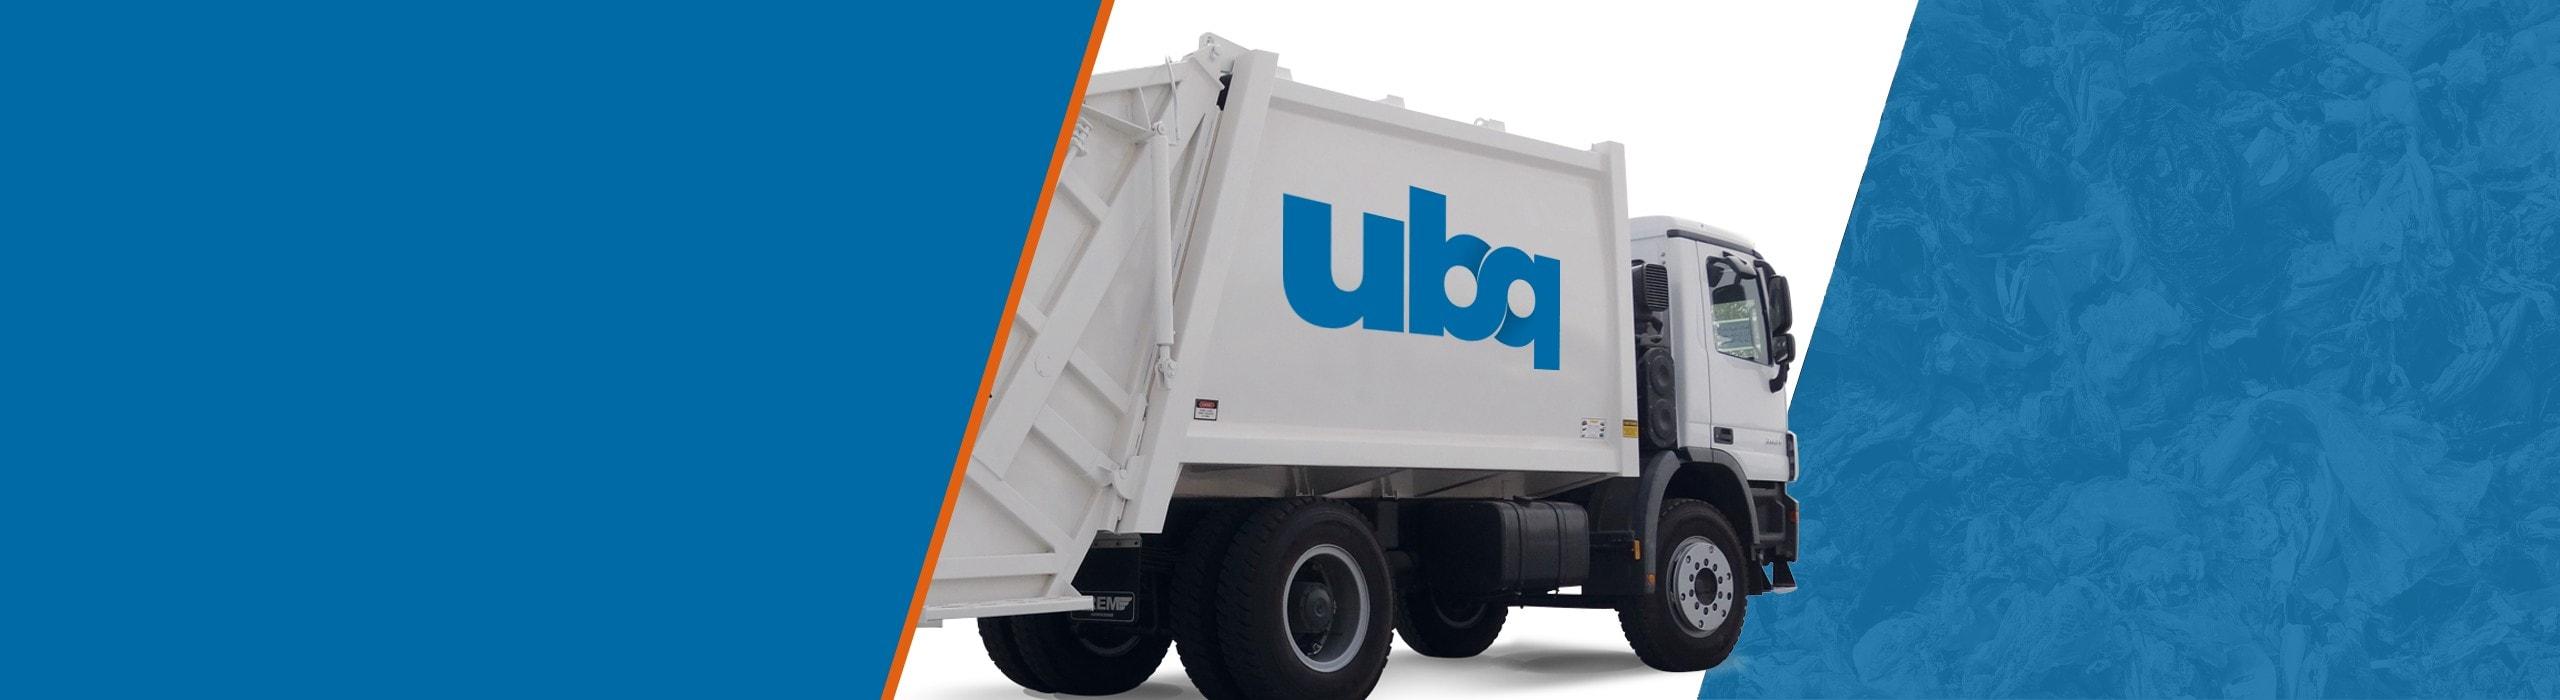 UBQ - natie-ubq-logo-truck - Natie Branding Agency